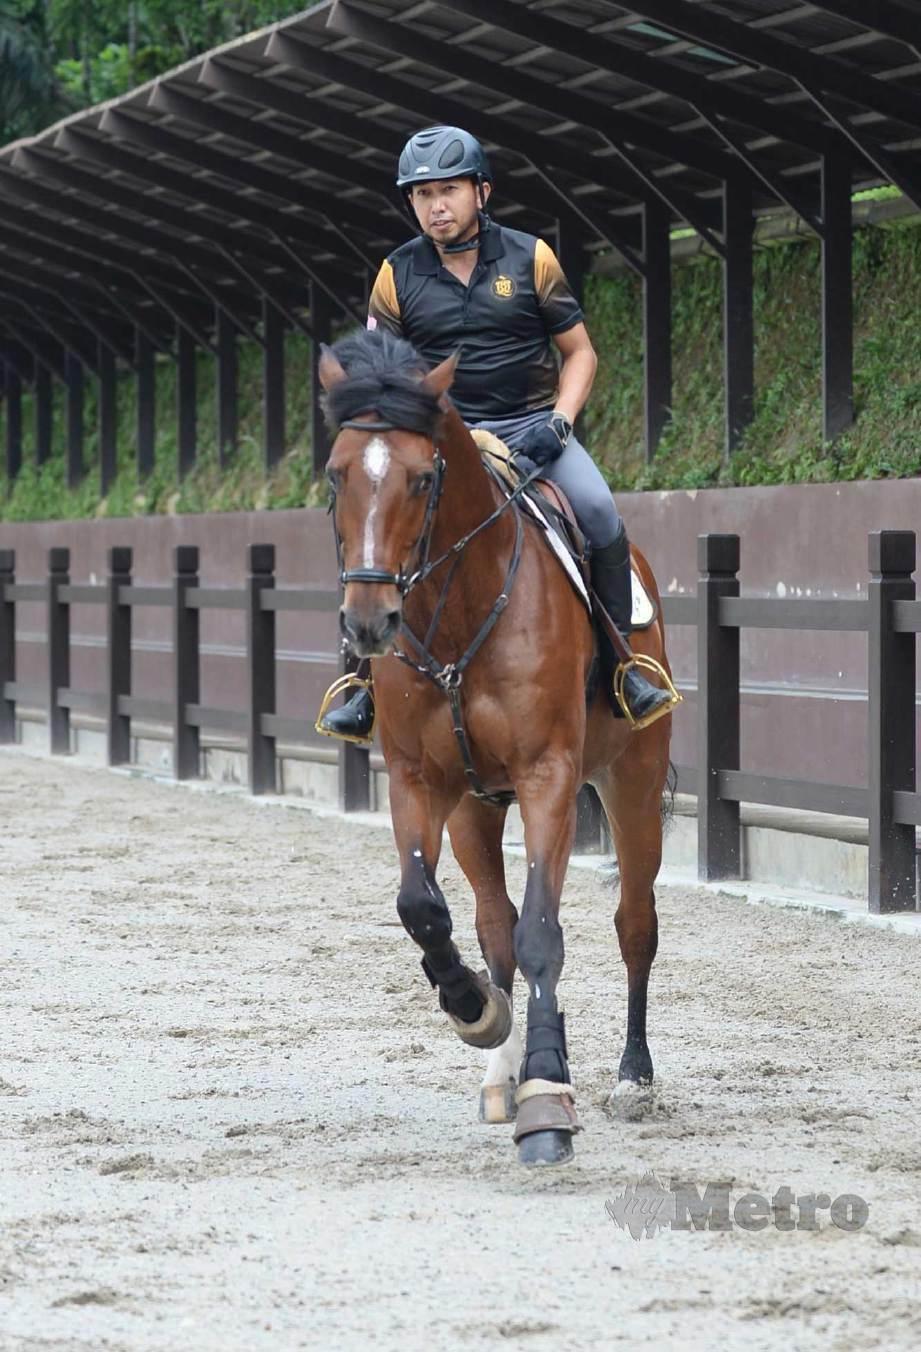 MOHD Qabil melakukan latihan di 3Q Equestrian Center di Kuang, Selangor. FOTO Khairul Azhar Ahmad